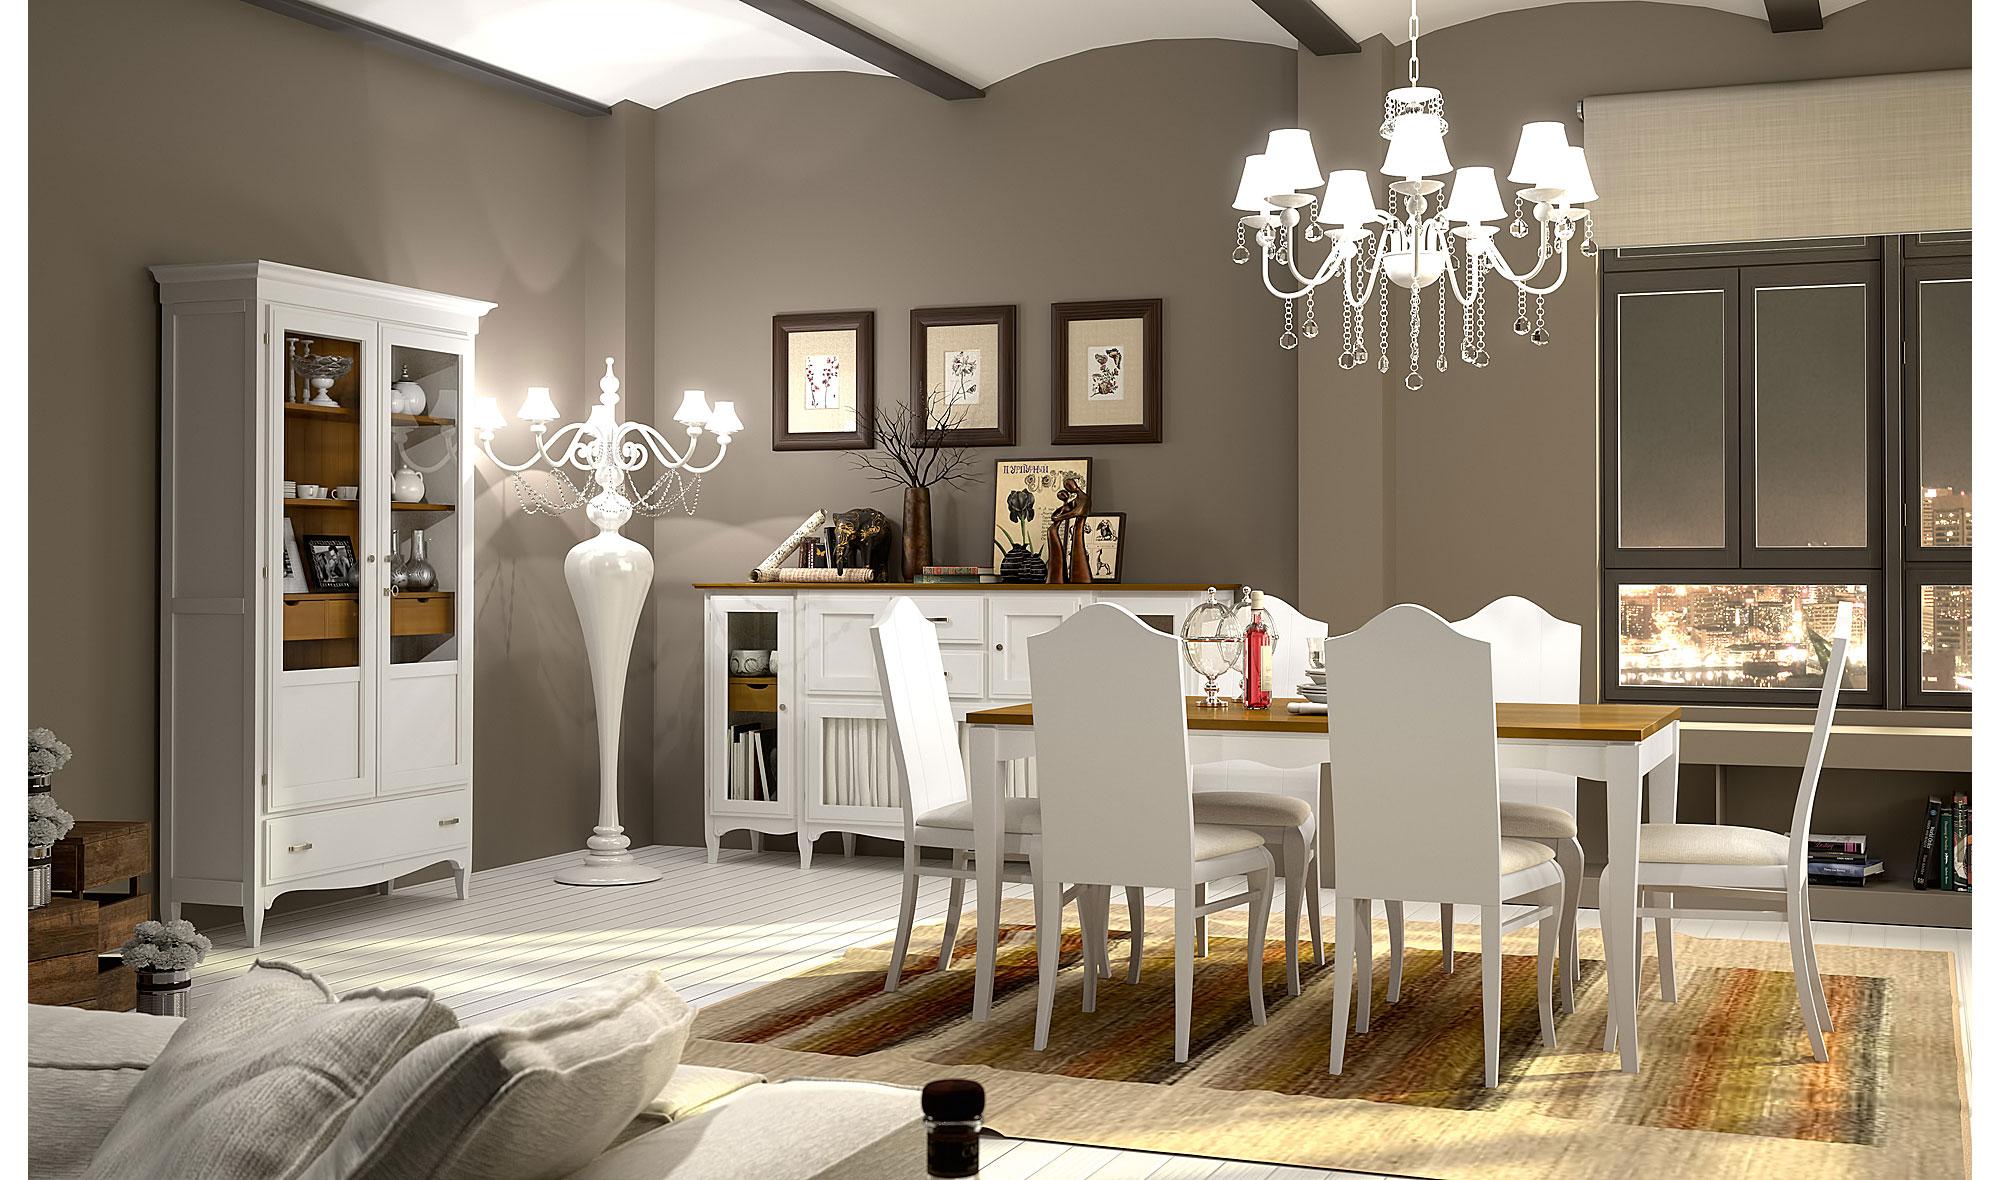 Comedor vintage provenzal tosca fontana en - Mobiliario on line ...